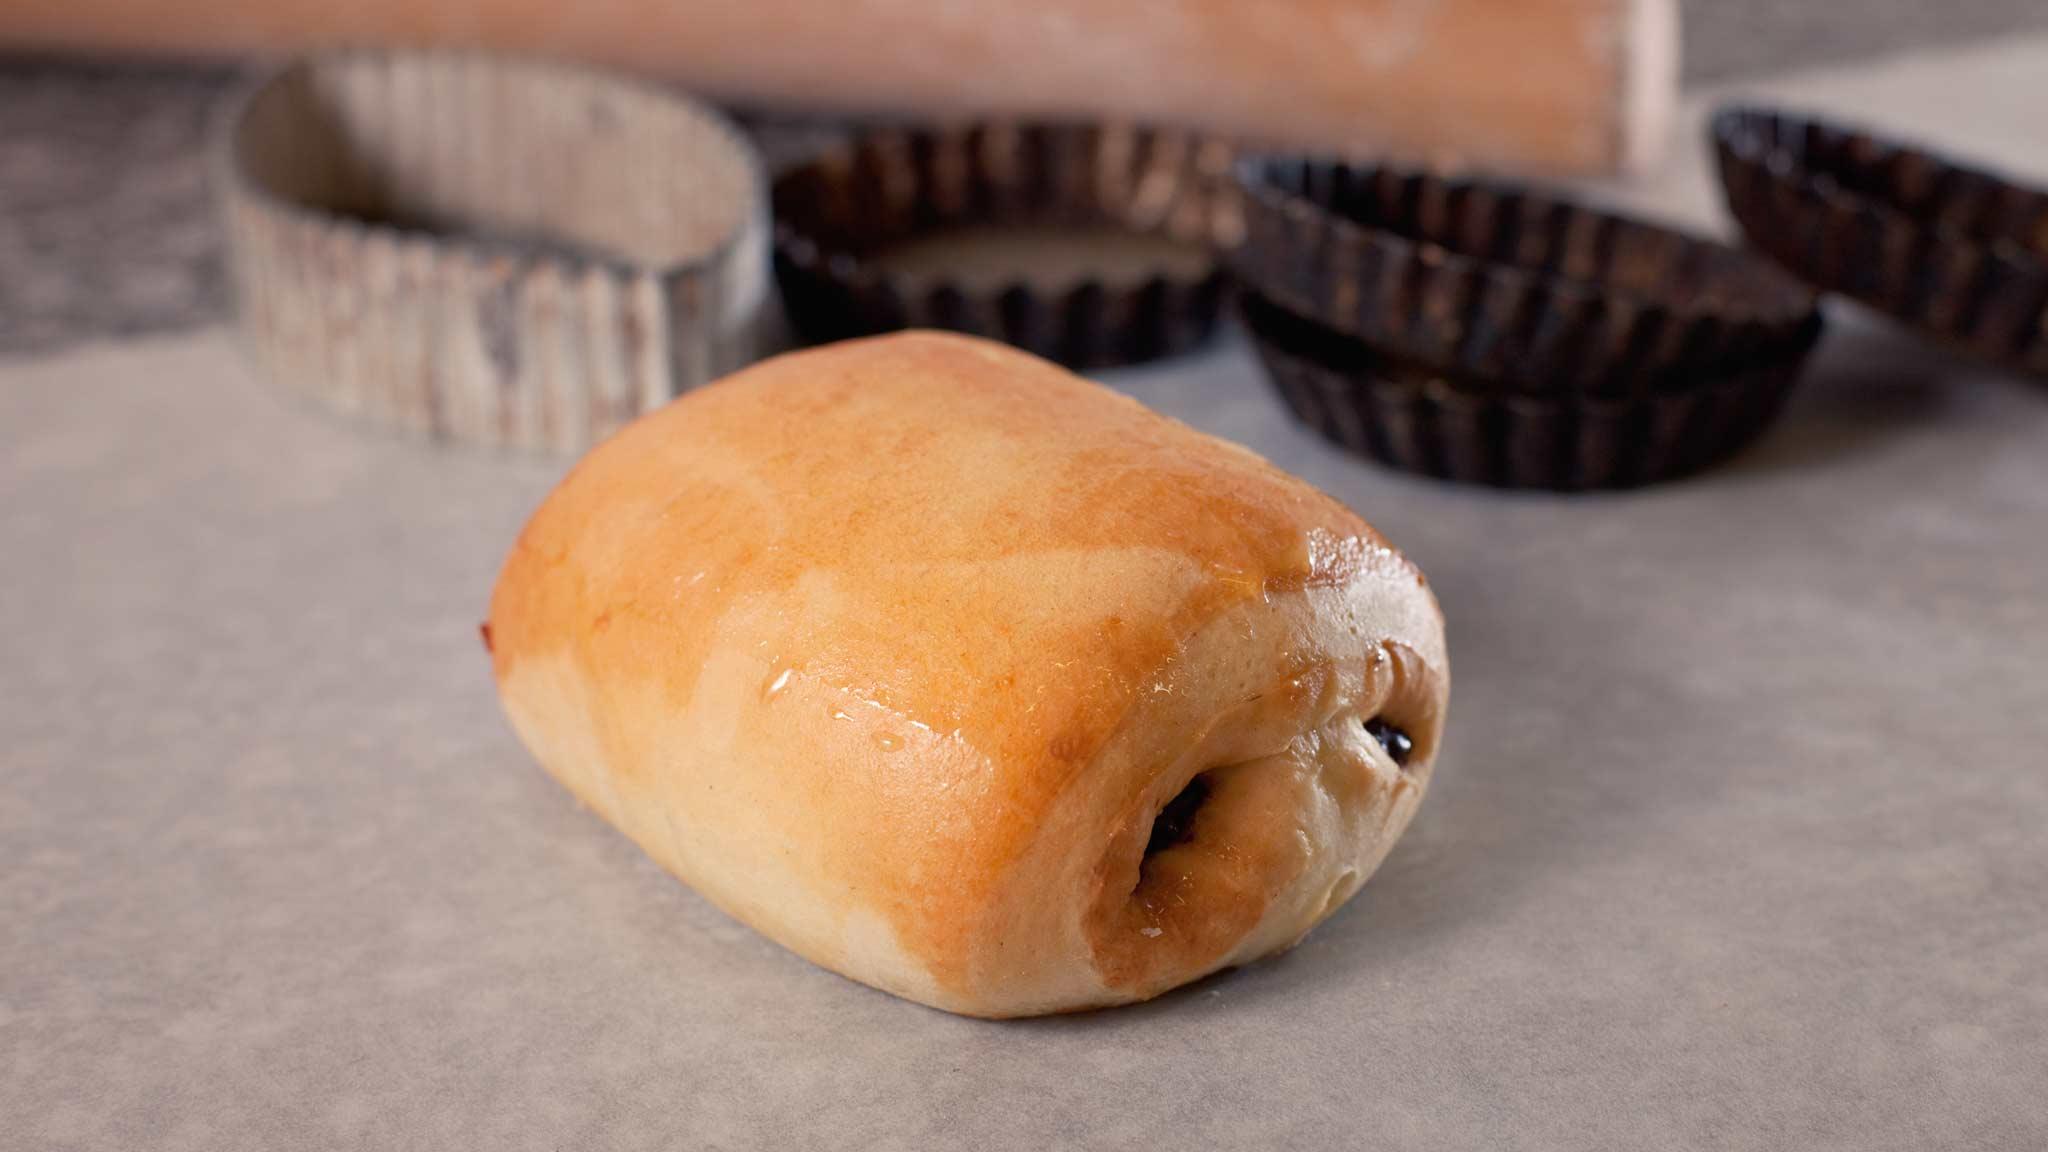 photographe-produit-culinaire-foodista-com-pub-boulangerie-patisserie-patissier-recette-pain-au-chocolat-nancy-lorraine-54